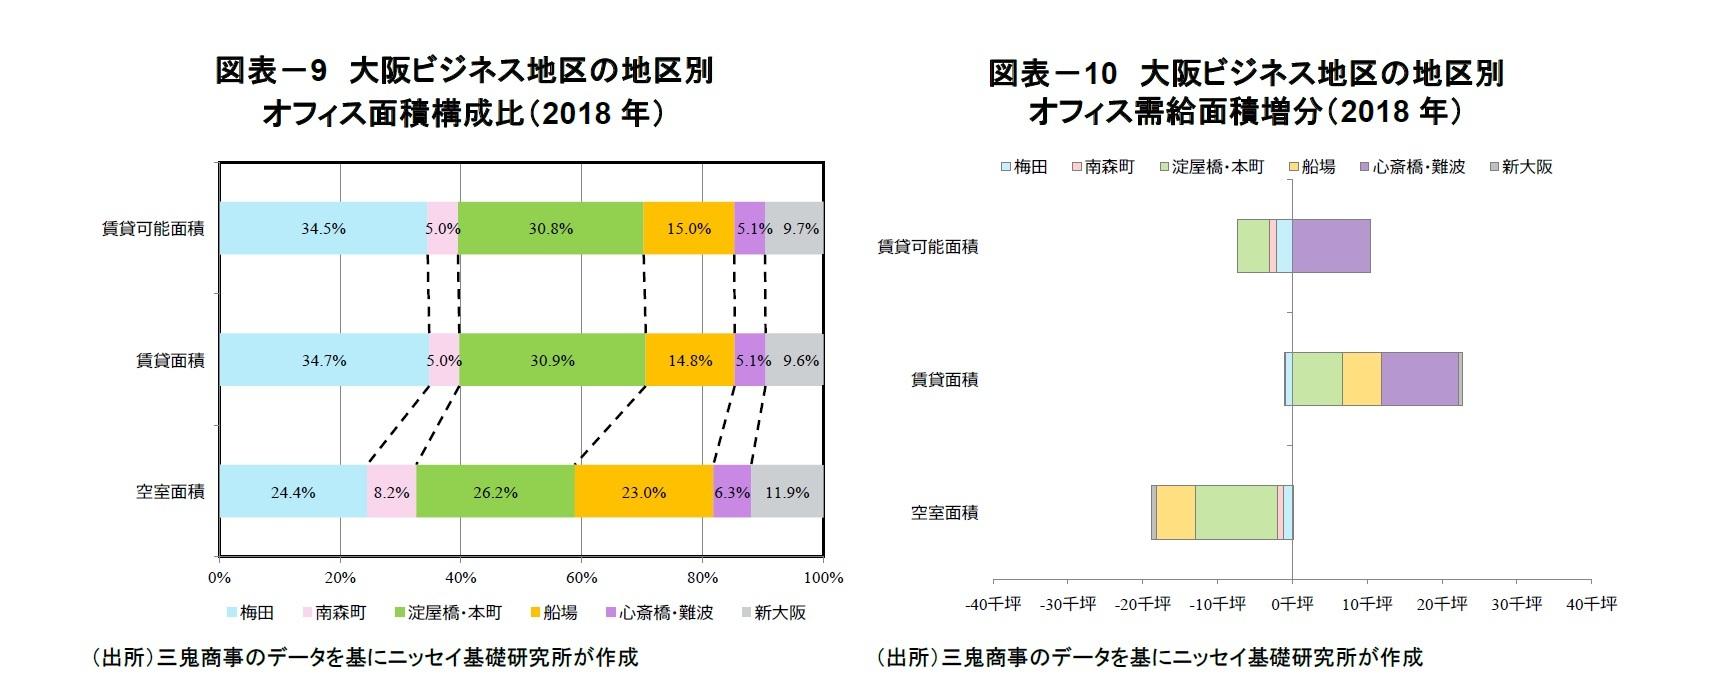 図表-9 大阪ビジネス地区の地区別オフィス面積構成比(2018年)/図表-10 大阪ビジネス地区の地区別オフィス需給面積増分(2018年)